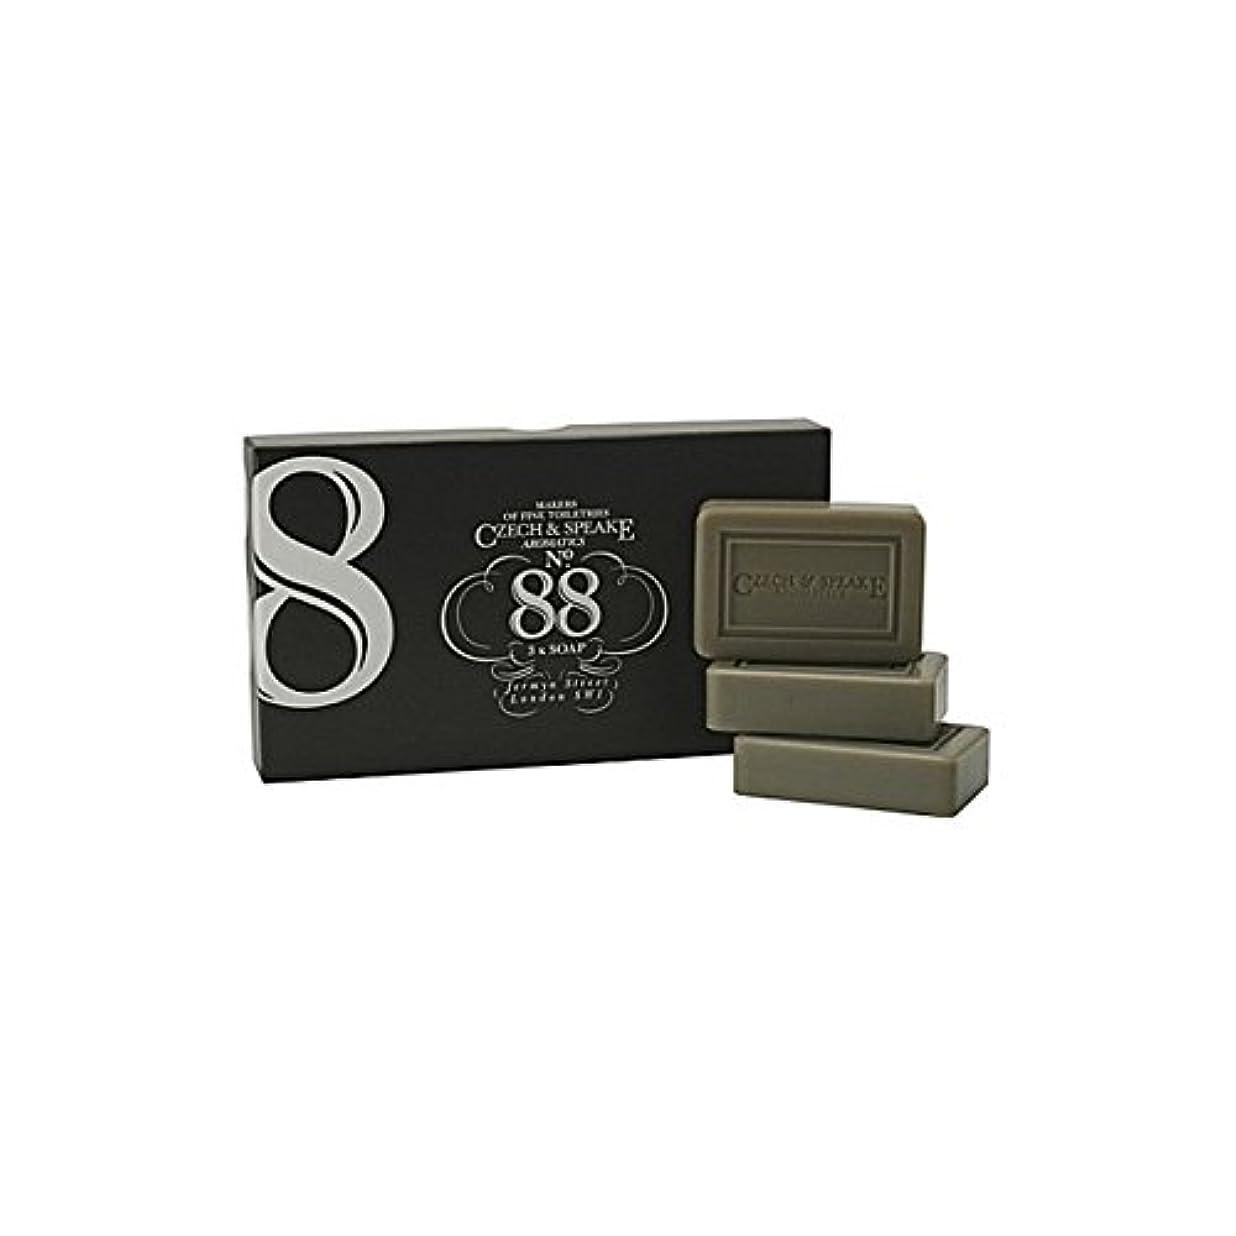 最後に病んでいる成功チェコ&スピーク.88ソープセット x4 - Czech & Speake No.88 Soap Set (Pack of 4) [並行輸入品]